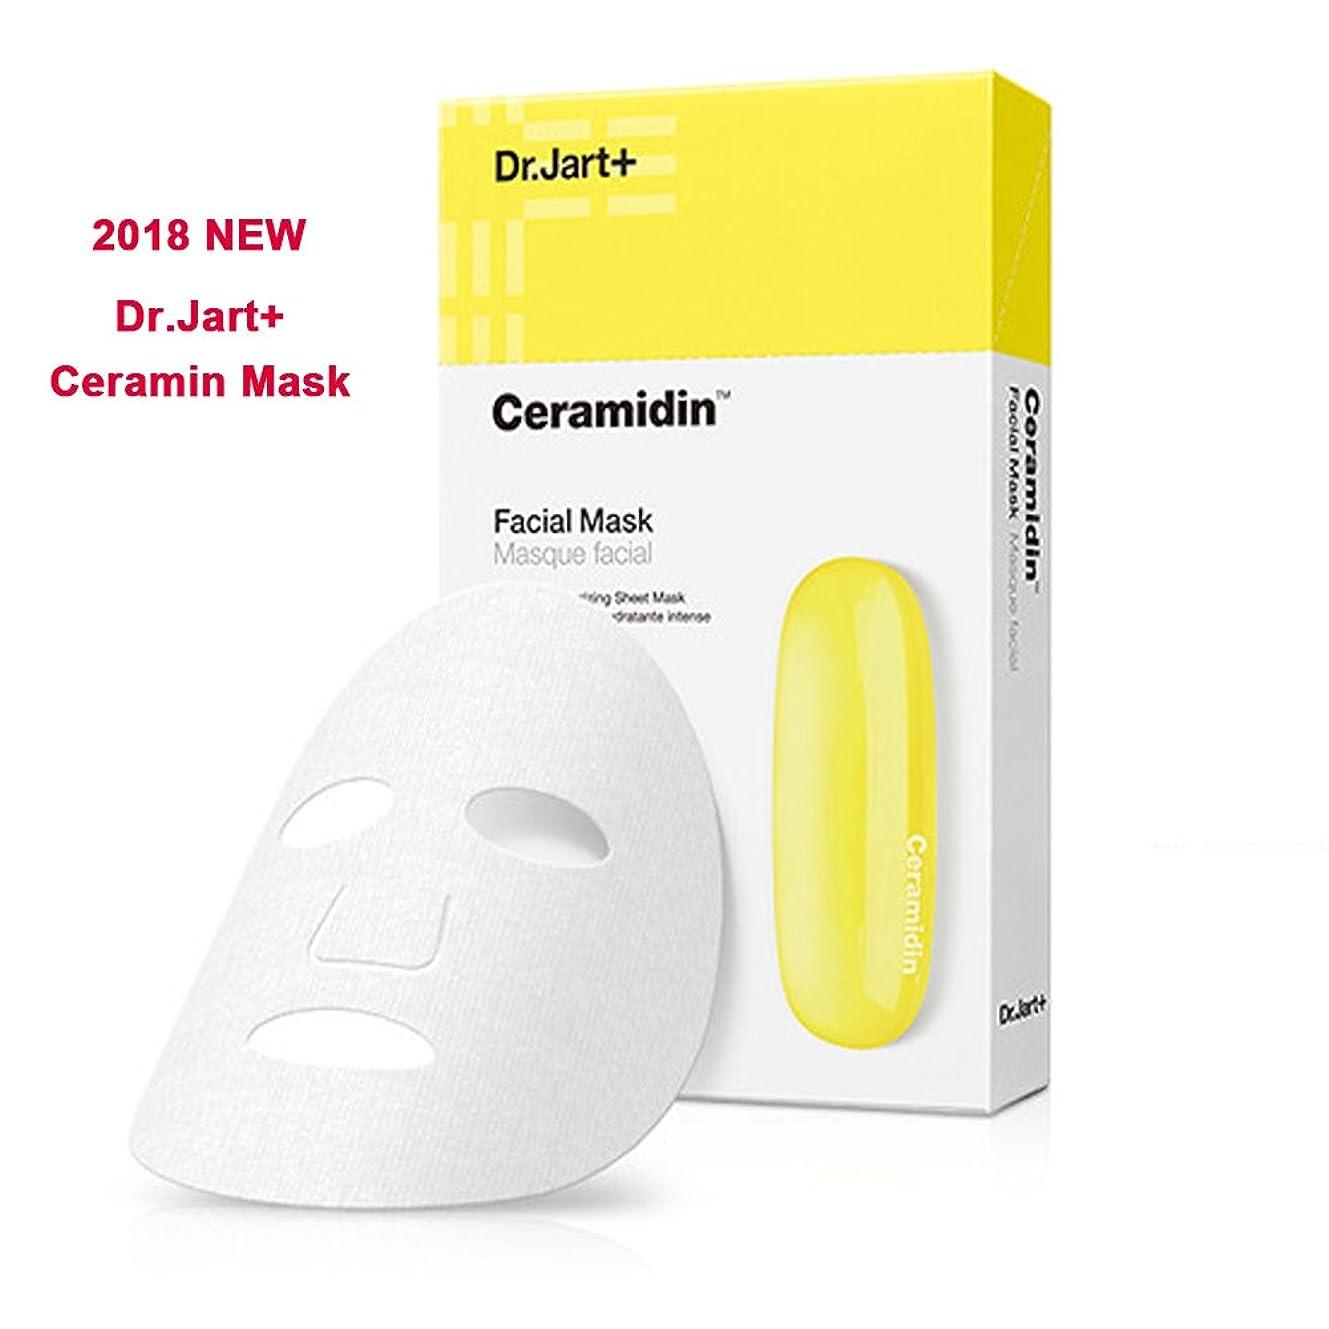 才能のある雇用排他的[韓国コスメ Dr.Jart+] Ceramidin Mask ドクタージャルト セラマイディンマスク(5枚) [並行輸入品]